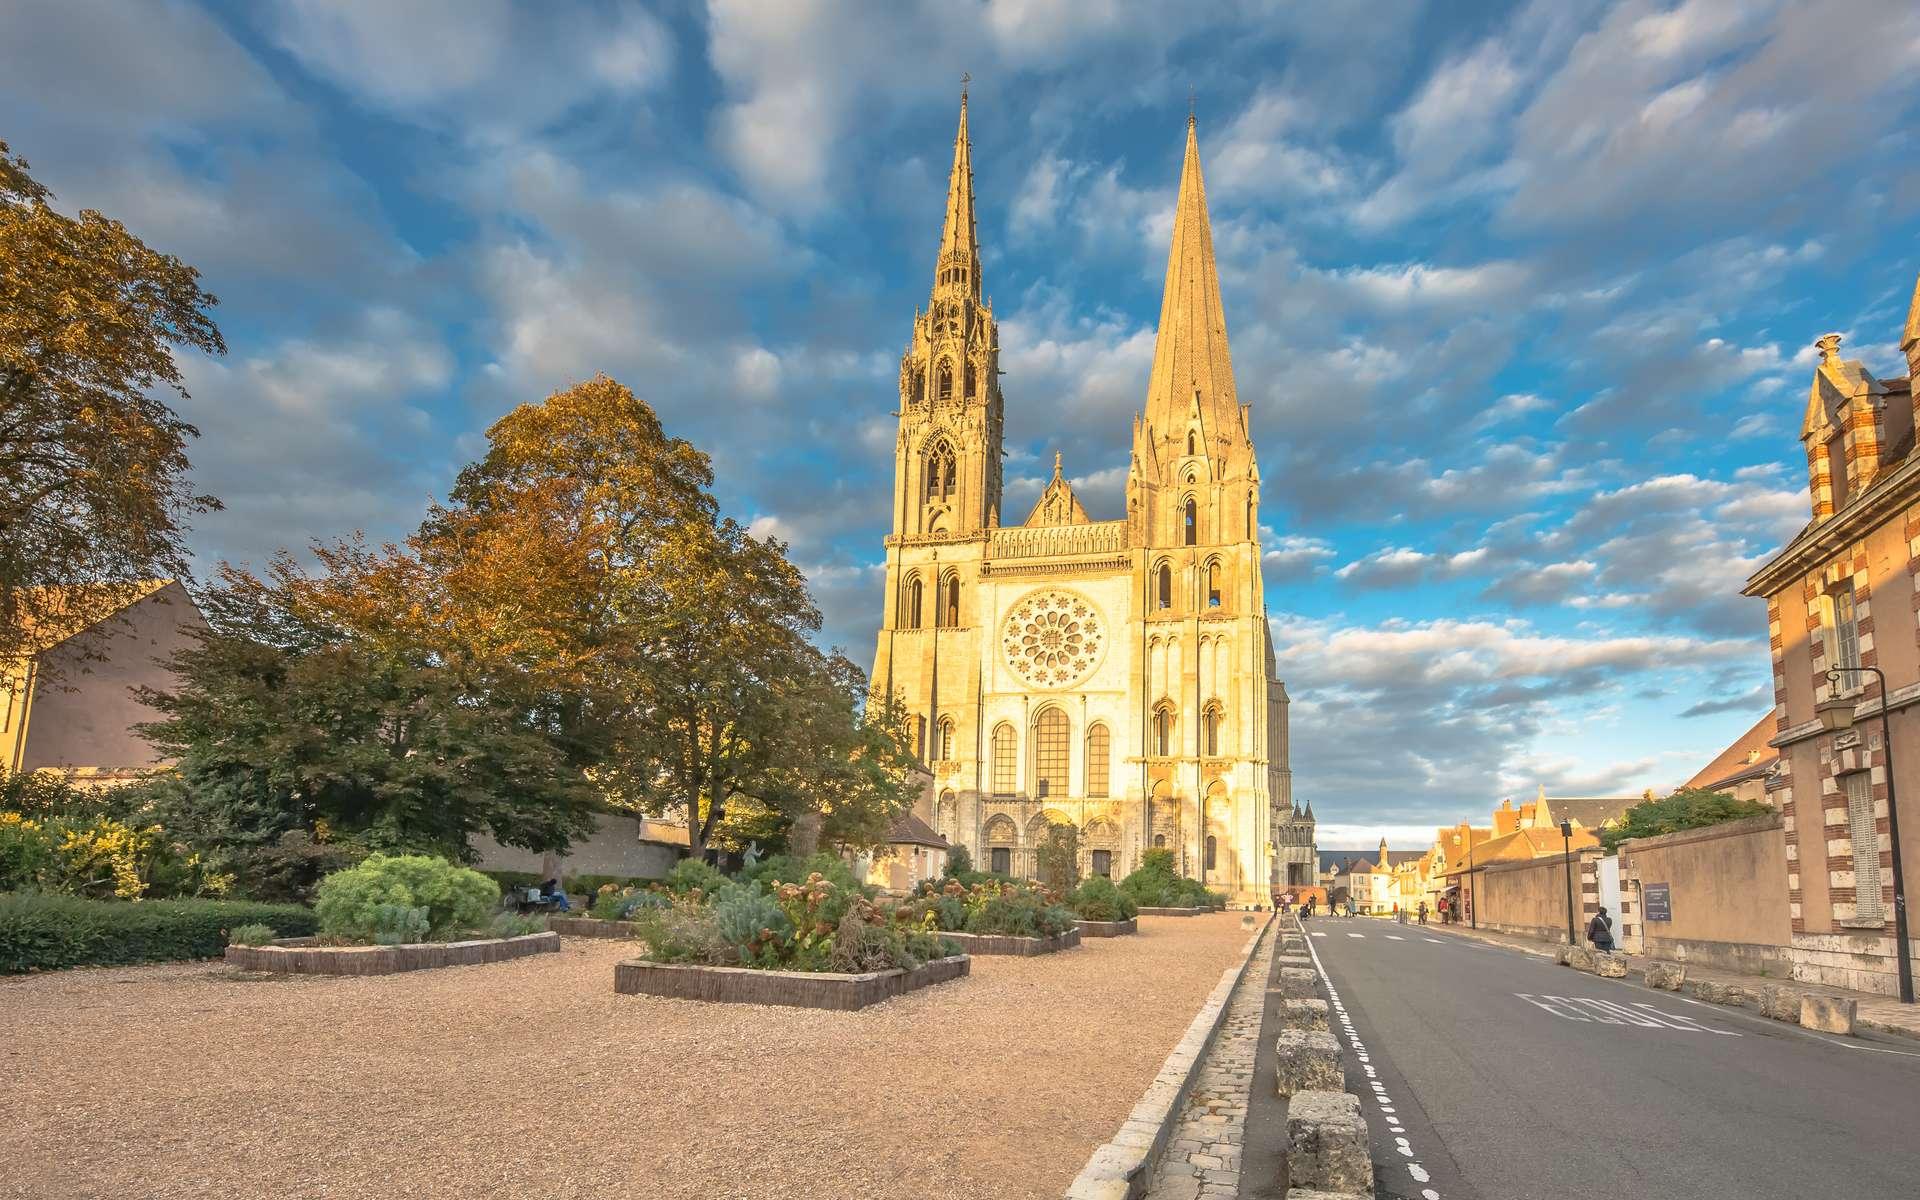 La cathédrale de Chartres est l'un des nombreux témoins de l'histoire de la ville, tout comme le plafond de bois sculpté découvert au sanctuaire de Saint-Martin-au-Val. © 120bpm, Adobe Stock